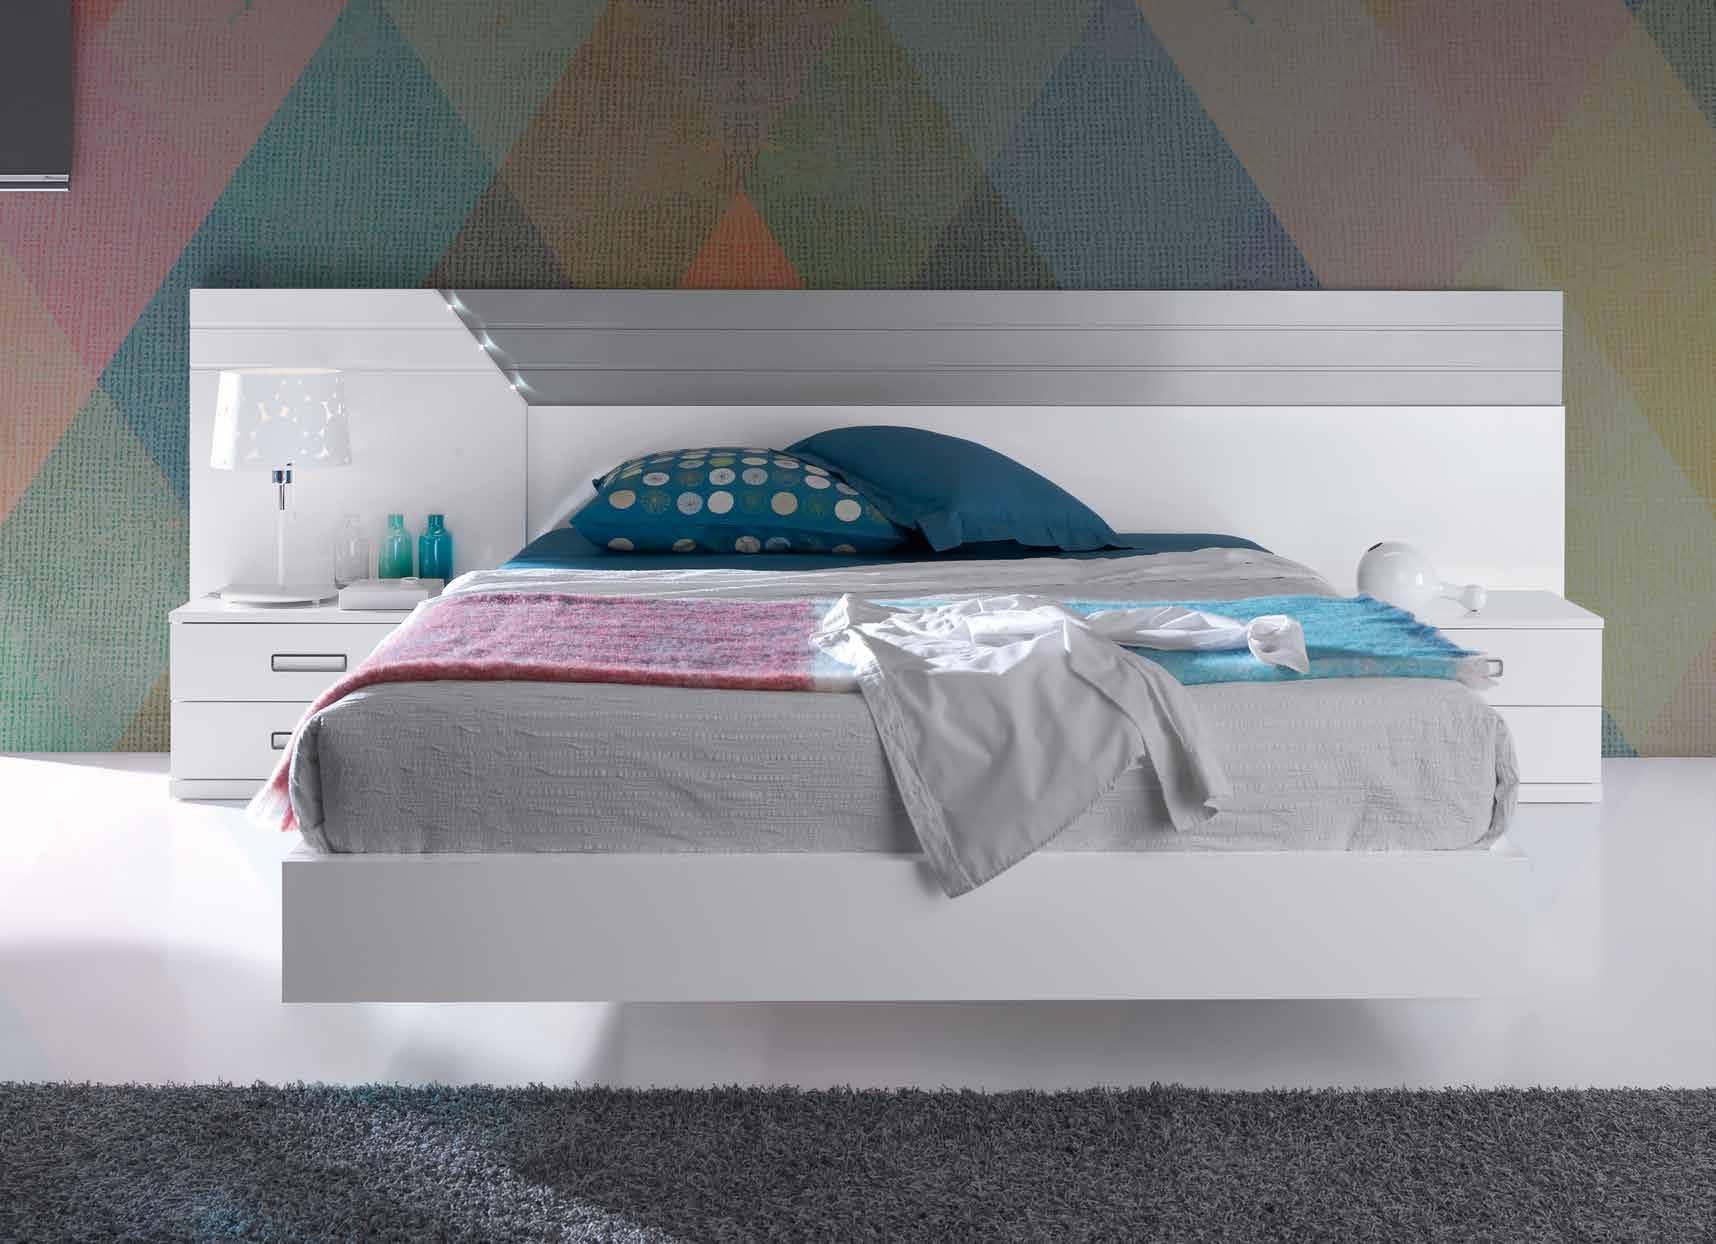 279-dormitorios-e-4